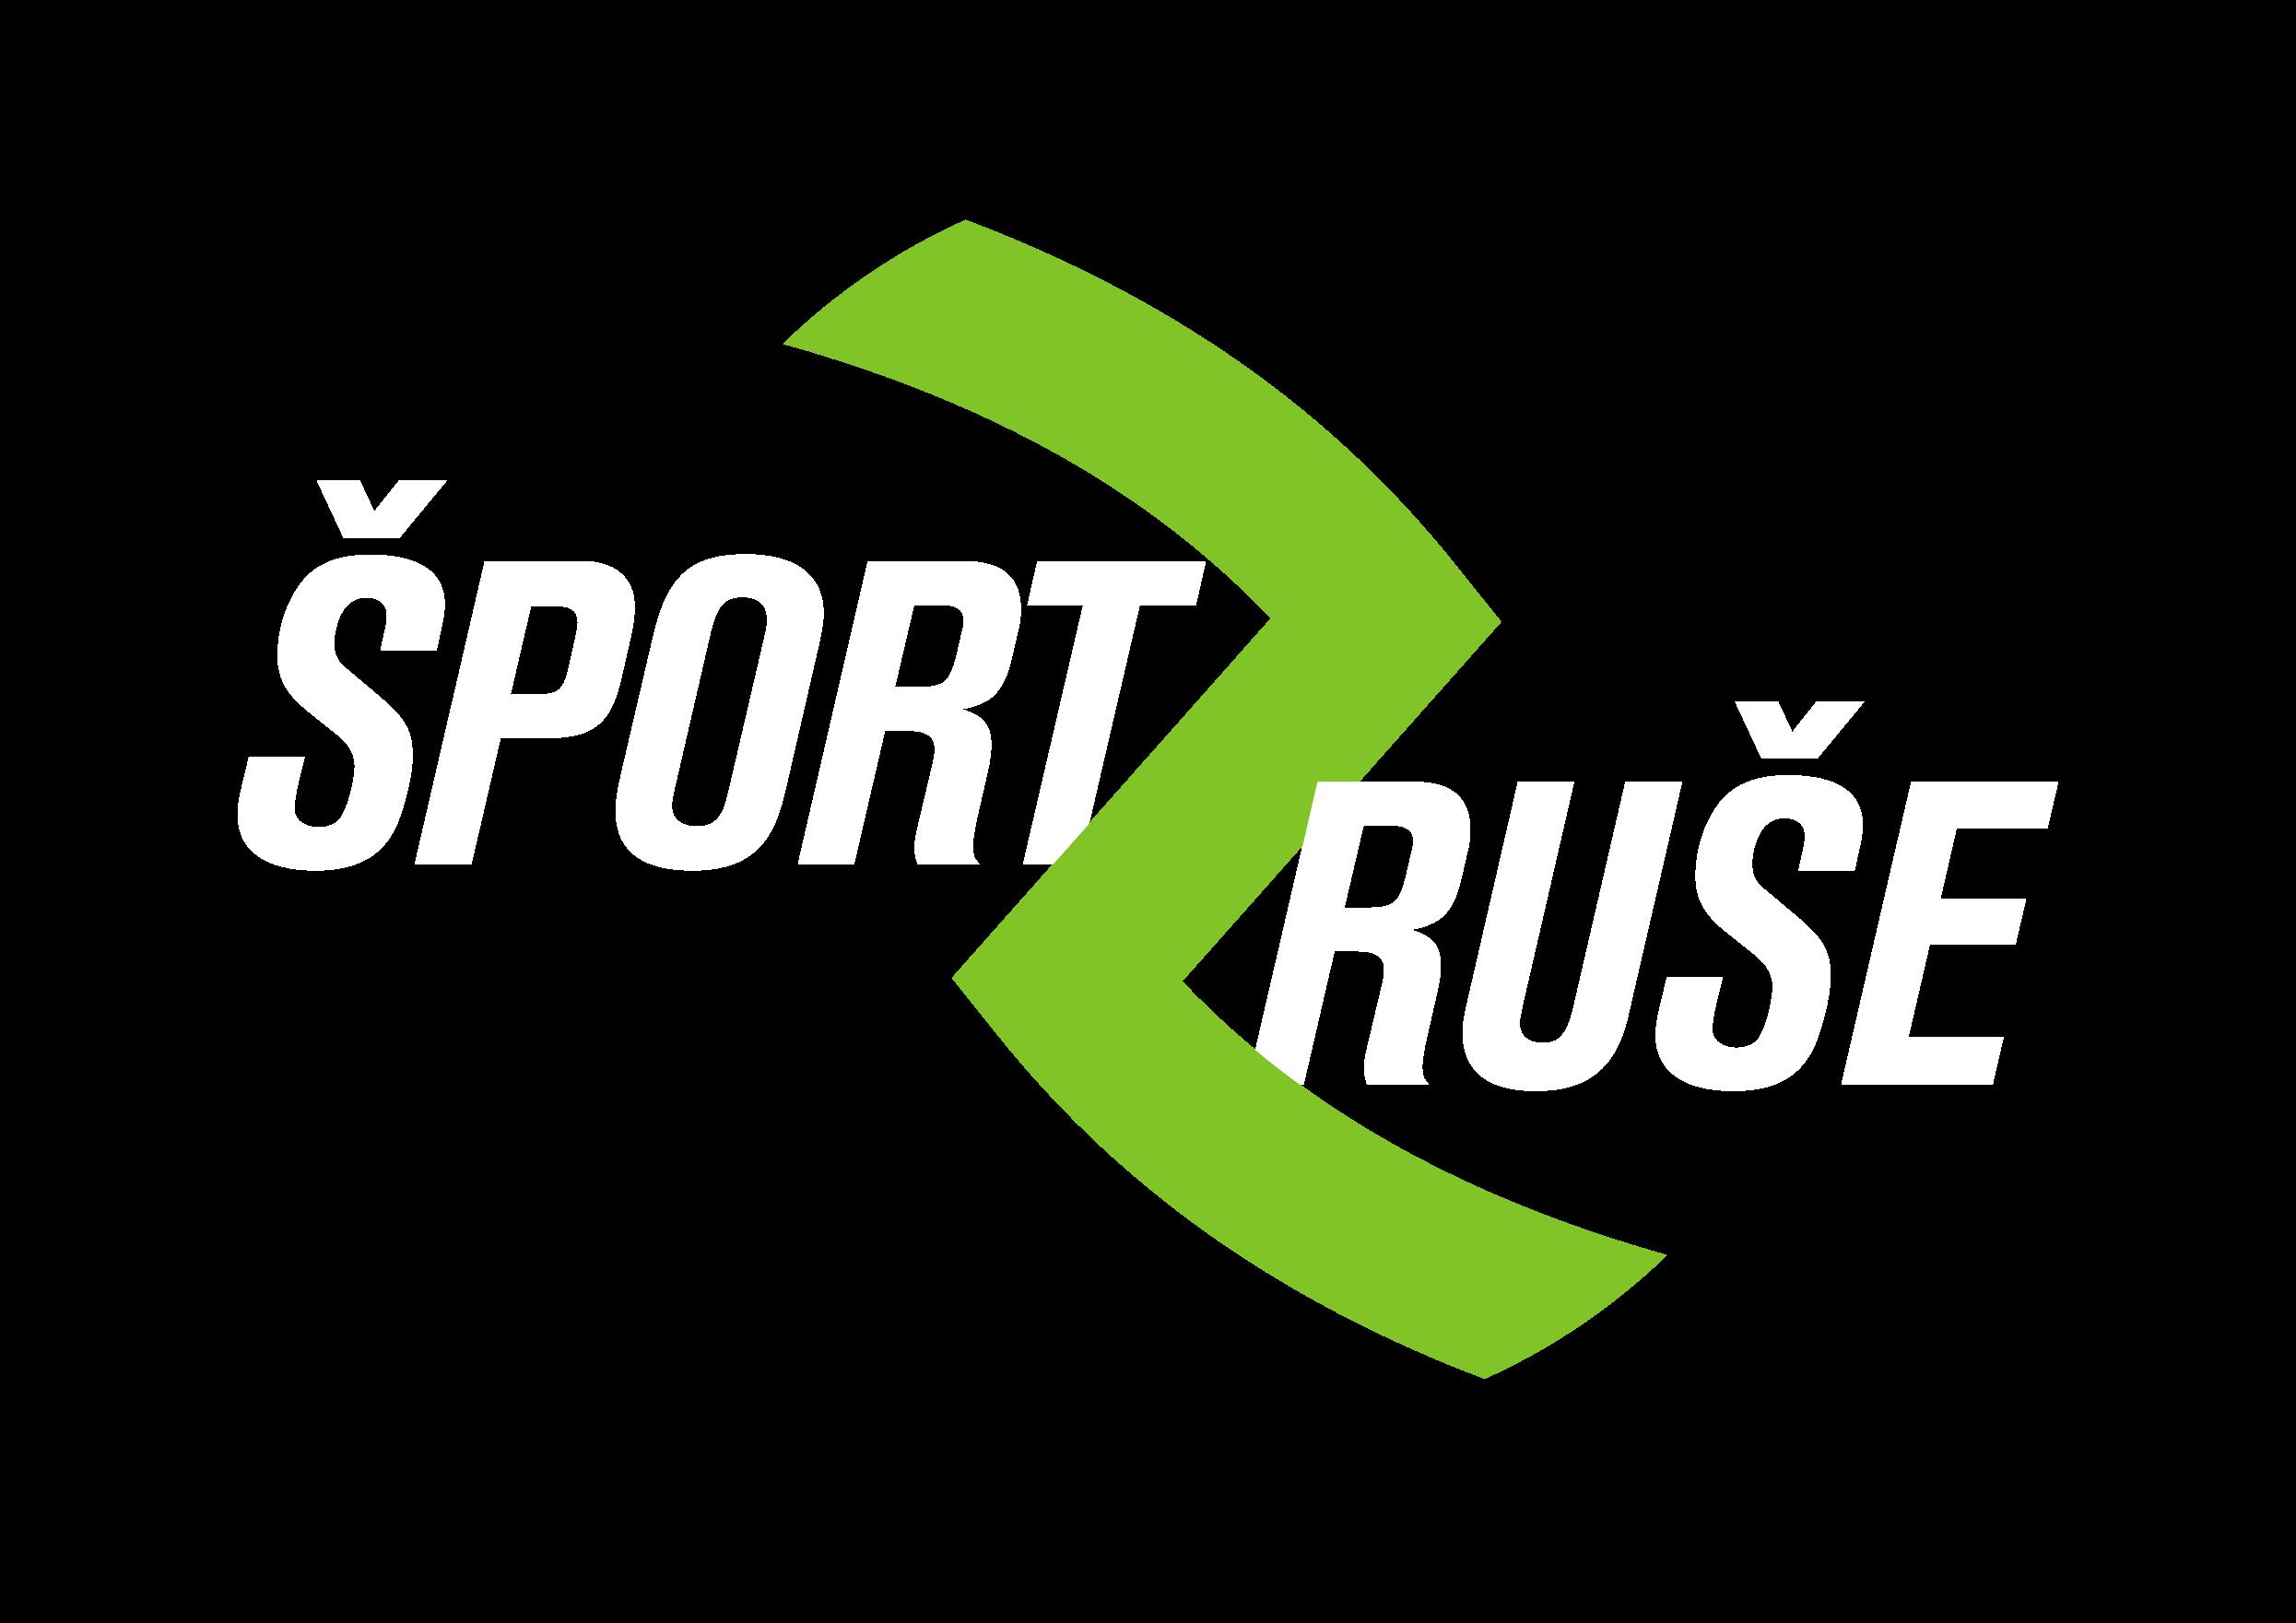 sportruse